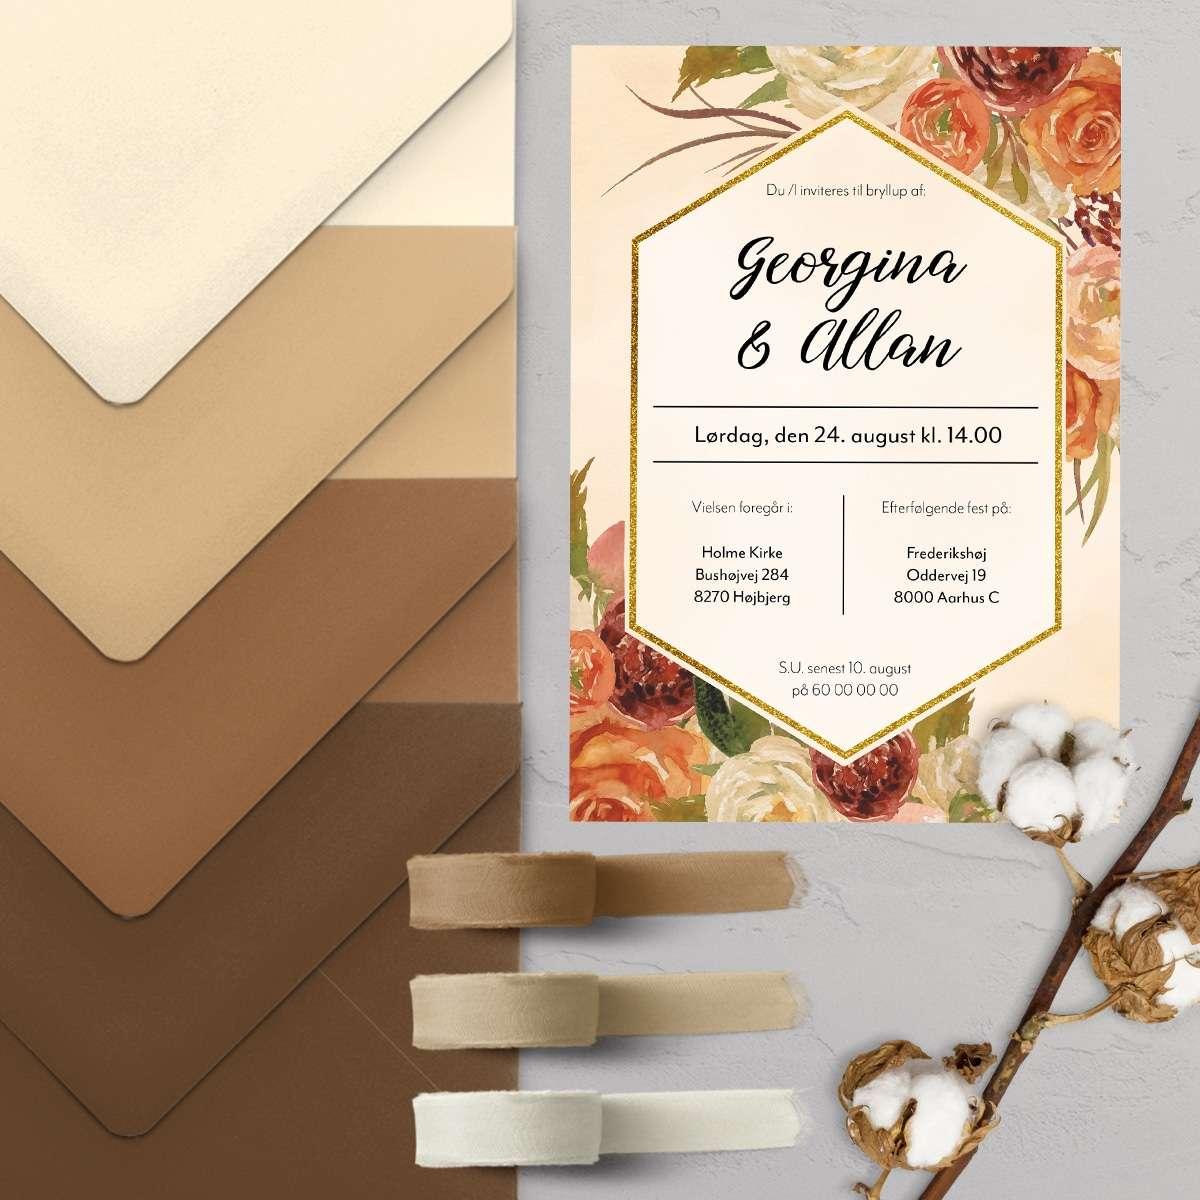 Farvetrends 2021 Desert Mist - Bryllupsinvitationen Fleur Eternal med C5 kuverter i brune farver og sand farver. Stylet med silkebånd i neutrale farver.